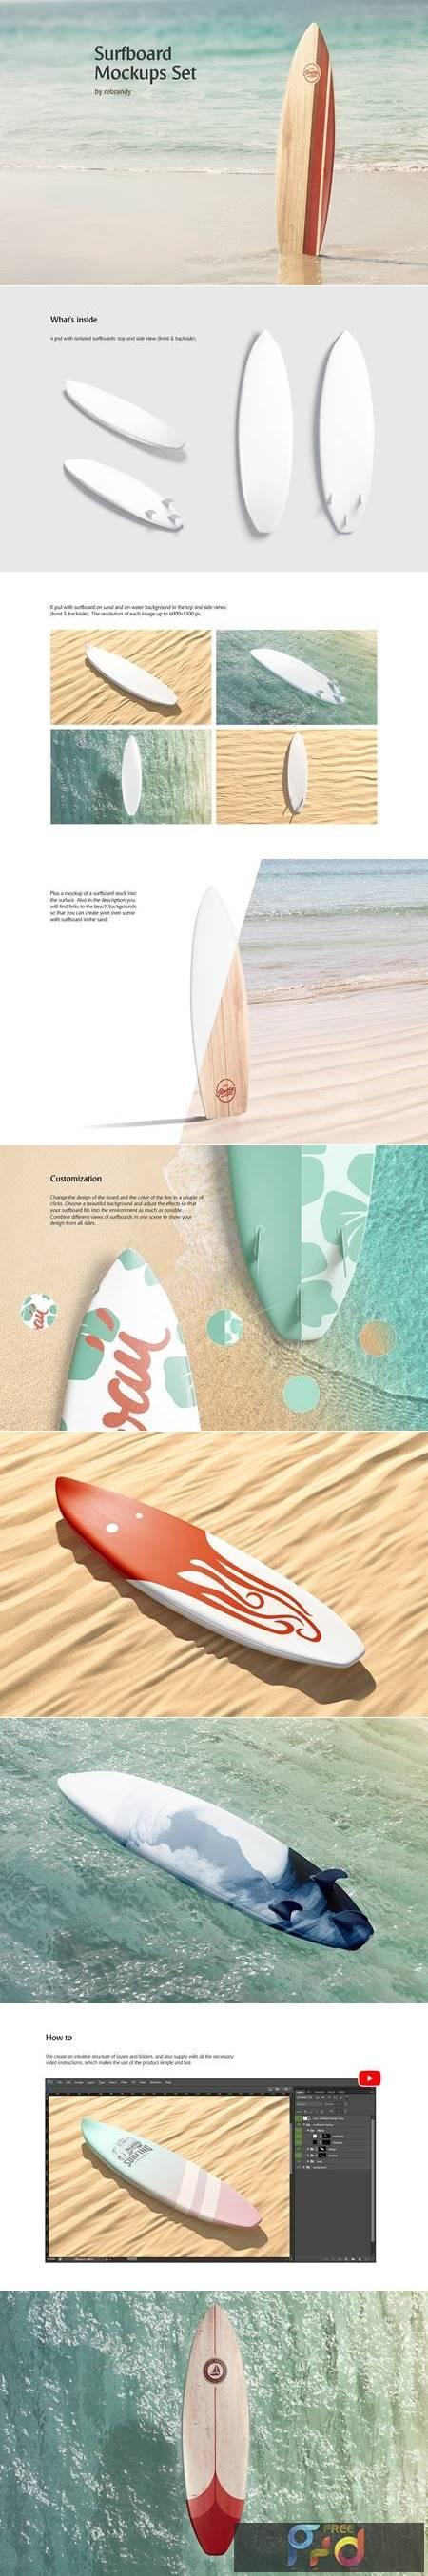 Surfboard Mockups Set 5215163 1